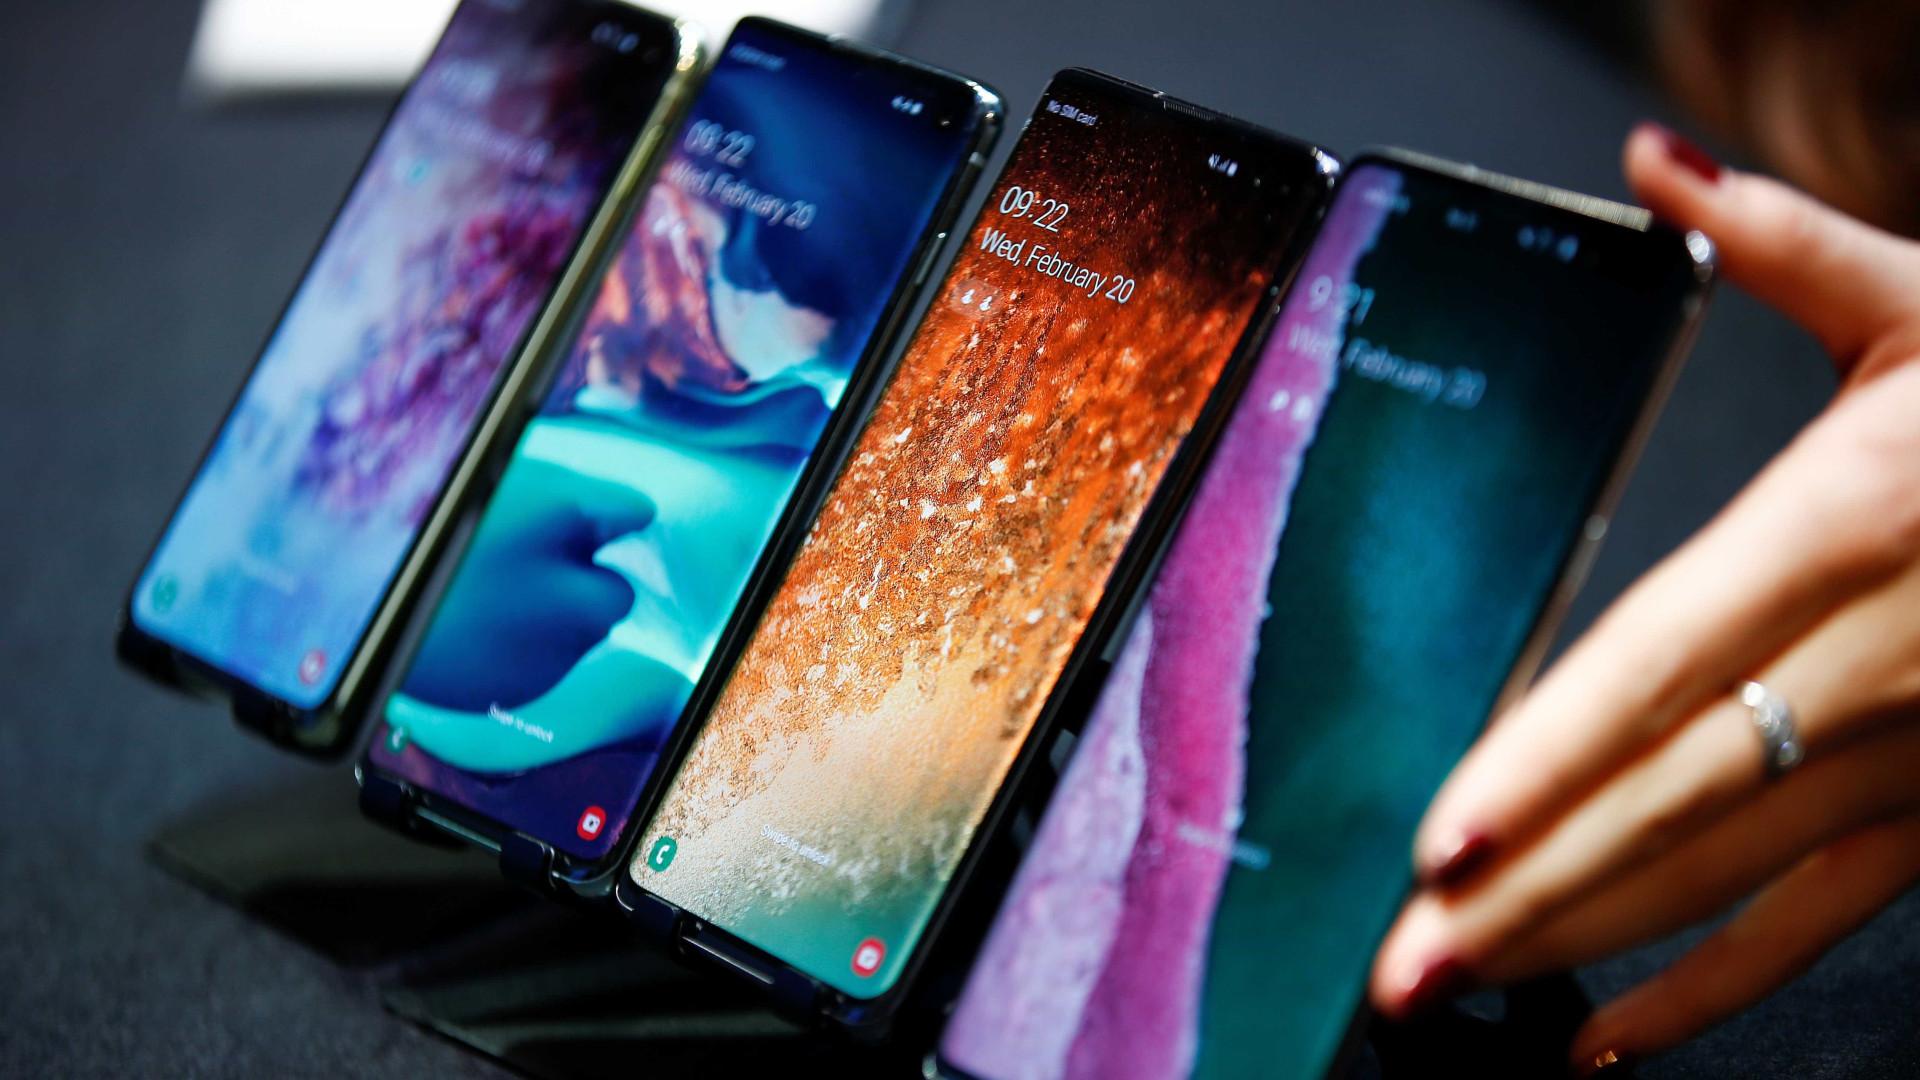 Galaxy Fold e Galaxy S10. Veja as imagens dos novos topos de gama